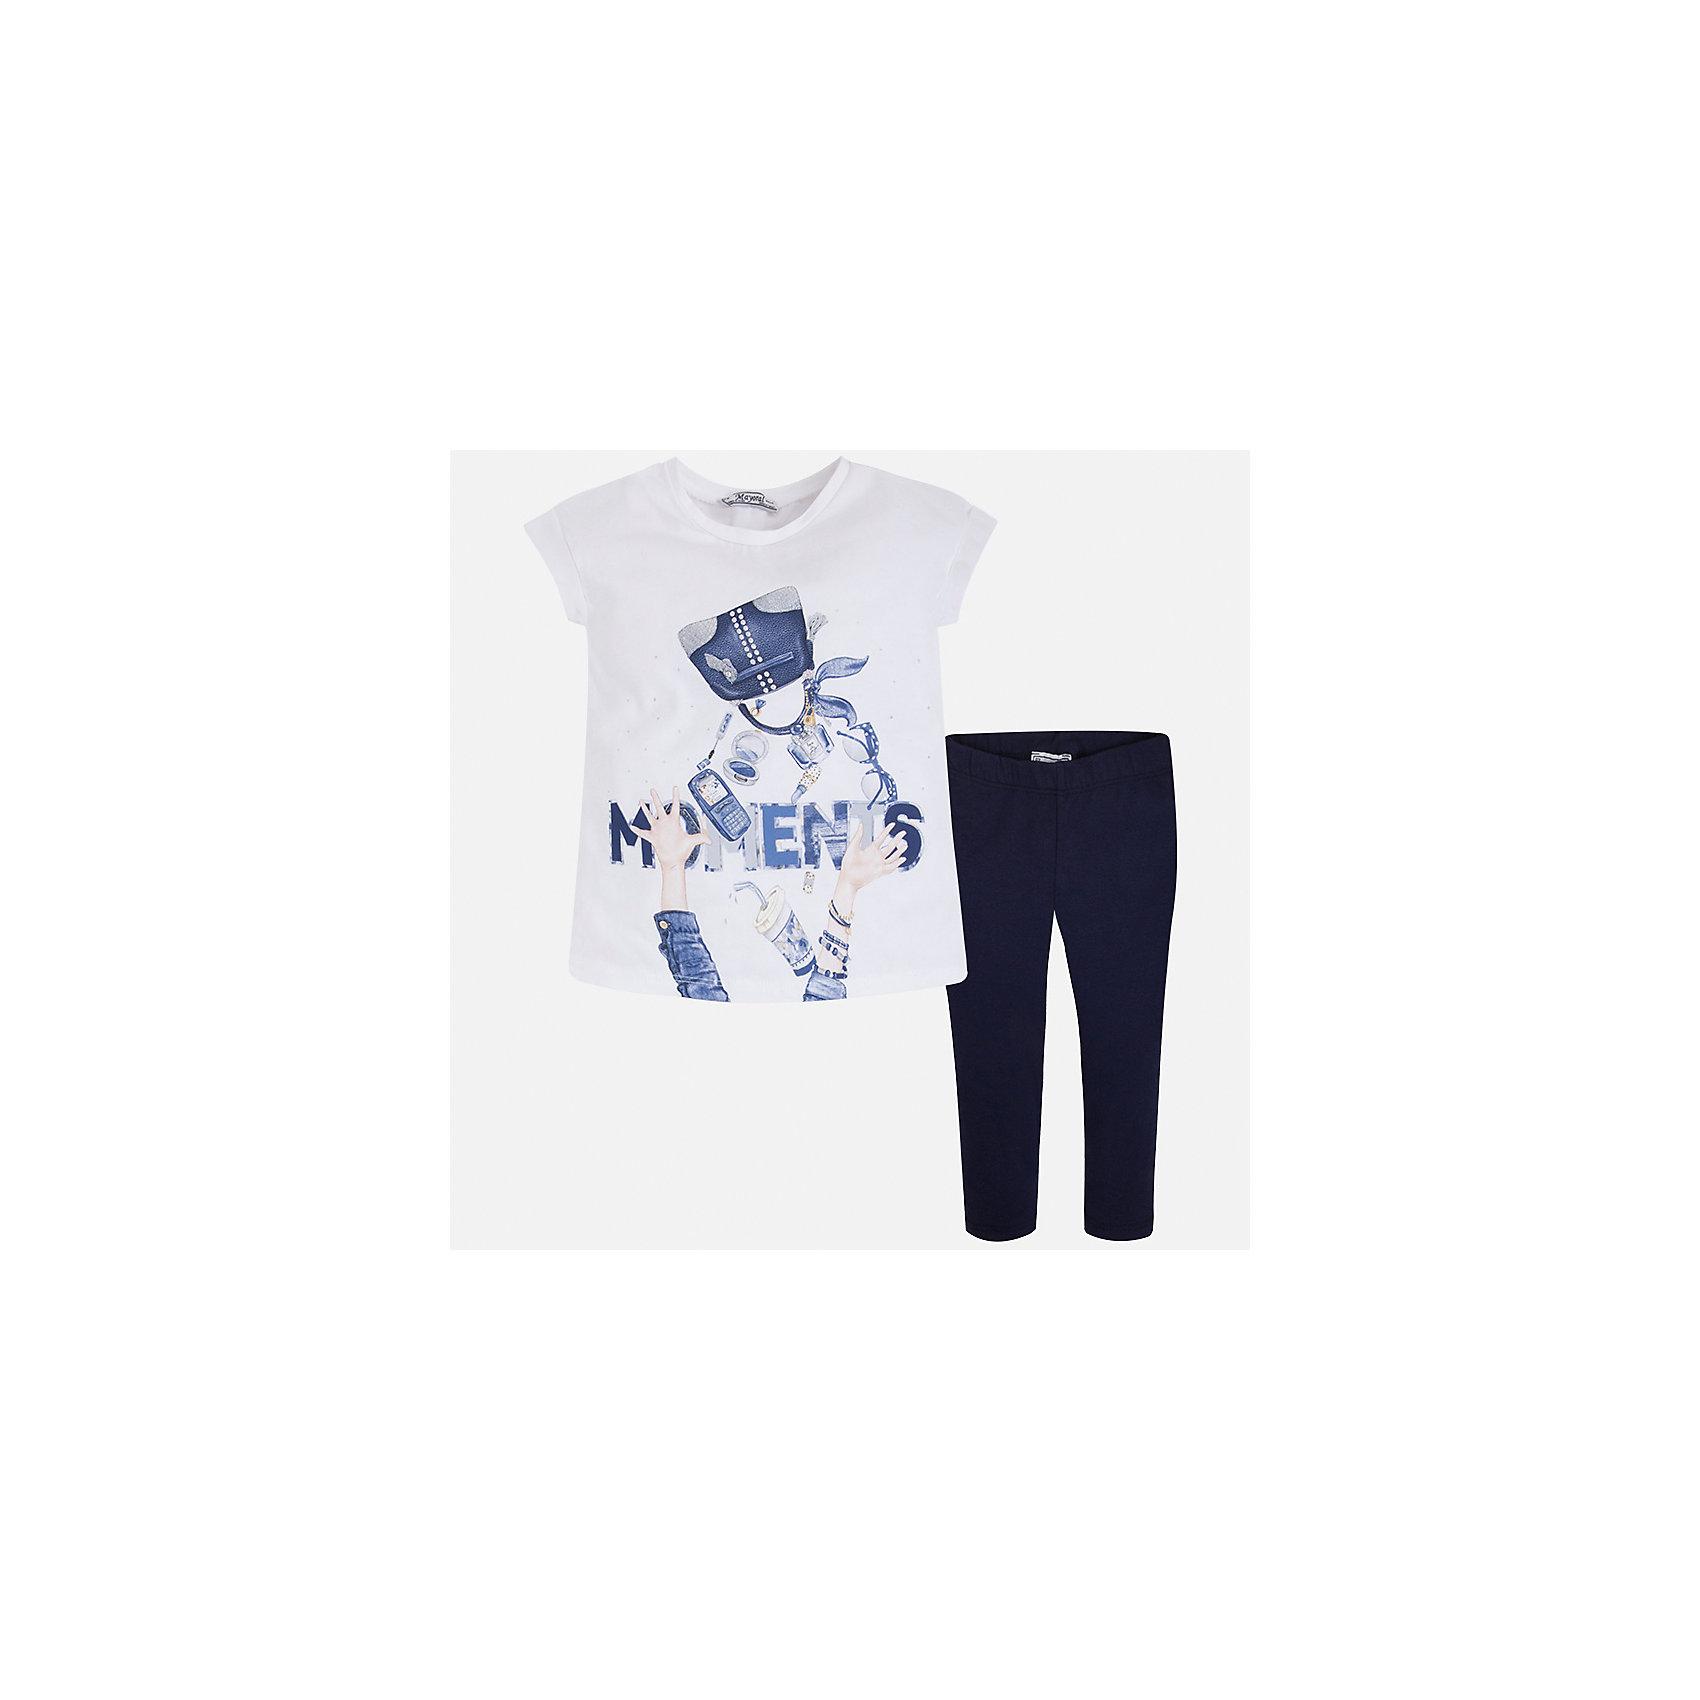 Комплект: блузка и леггинсы для девочки MayoralКомплекты<br>Характеристики товара:<br><br>• цвет: белый/синий<br>• состав: 95% хлопок, 5% эластан<br>• комплектация: футболка, леггинсы<br>• футболка декорирована принтом <br>• леггинсы однотонные<br>• пояс на резинке<br>• страна бренда: Испания<br><br>Красивый качественный комплект для девочки поможет разнообразить гардероб ребенка и удобно одеться в теплую погоду. Он отлично сочетается с другими предметами. Универсальный цвет позволяет подобрать к вещам верхнюю одежду практически любой расцветки. Интересная отделка модели делает её нарядной и оригинальной. В составе материала - натуральный хлопок, гипоаллергенный, приятный на ощупь, дышащий.<br><br>Одежда, обувь и аксессуары от испанского бренда Mayoral полюбились детям и взрослым по всему миру. Модели этой марки - стильные и удобные. Для их производства используются только безопасные, качественные материалы и фурнитура. Порадуйте ребенка модными и красивыми вещами от Mayoral! <br><br>Комплект для девочки от испанского бренда Mayoral (Майорал) можно купить в нашем интернет-магазине.<br><br>Ширина мм: 123<br>Глубина мм: 10<br>Высота мм: 149<br>Вес г: 209<br>Цвет: синий<br>Возраст от месяцев: 96<br>Возраст до месяцев: 108<br>Пол: Женский<br>Возраст: Детский<br>Размер: 134,92,98,104,110,116,122,128<br>SKU: 5300524